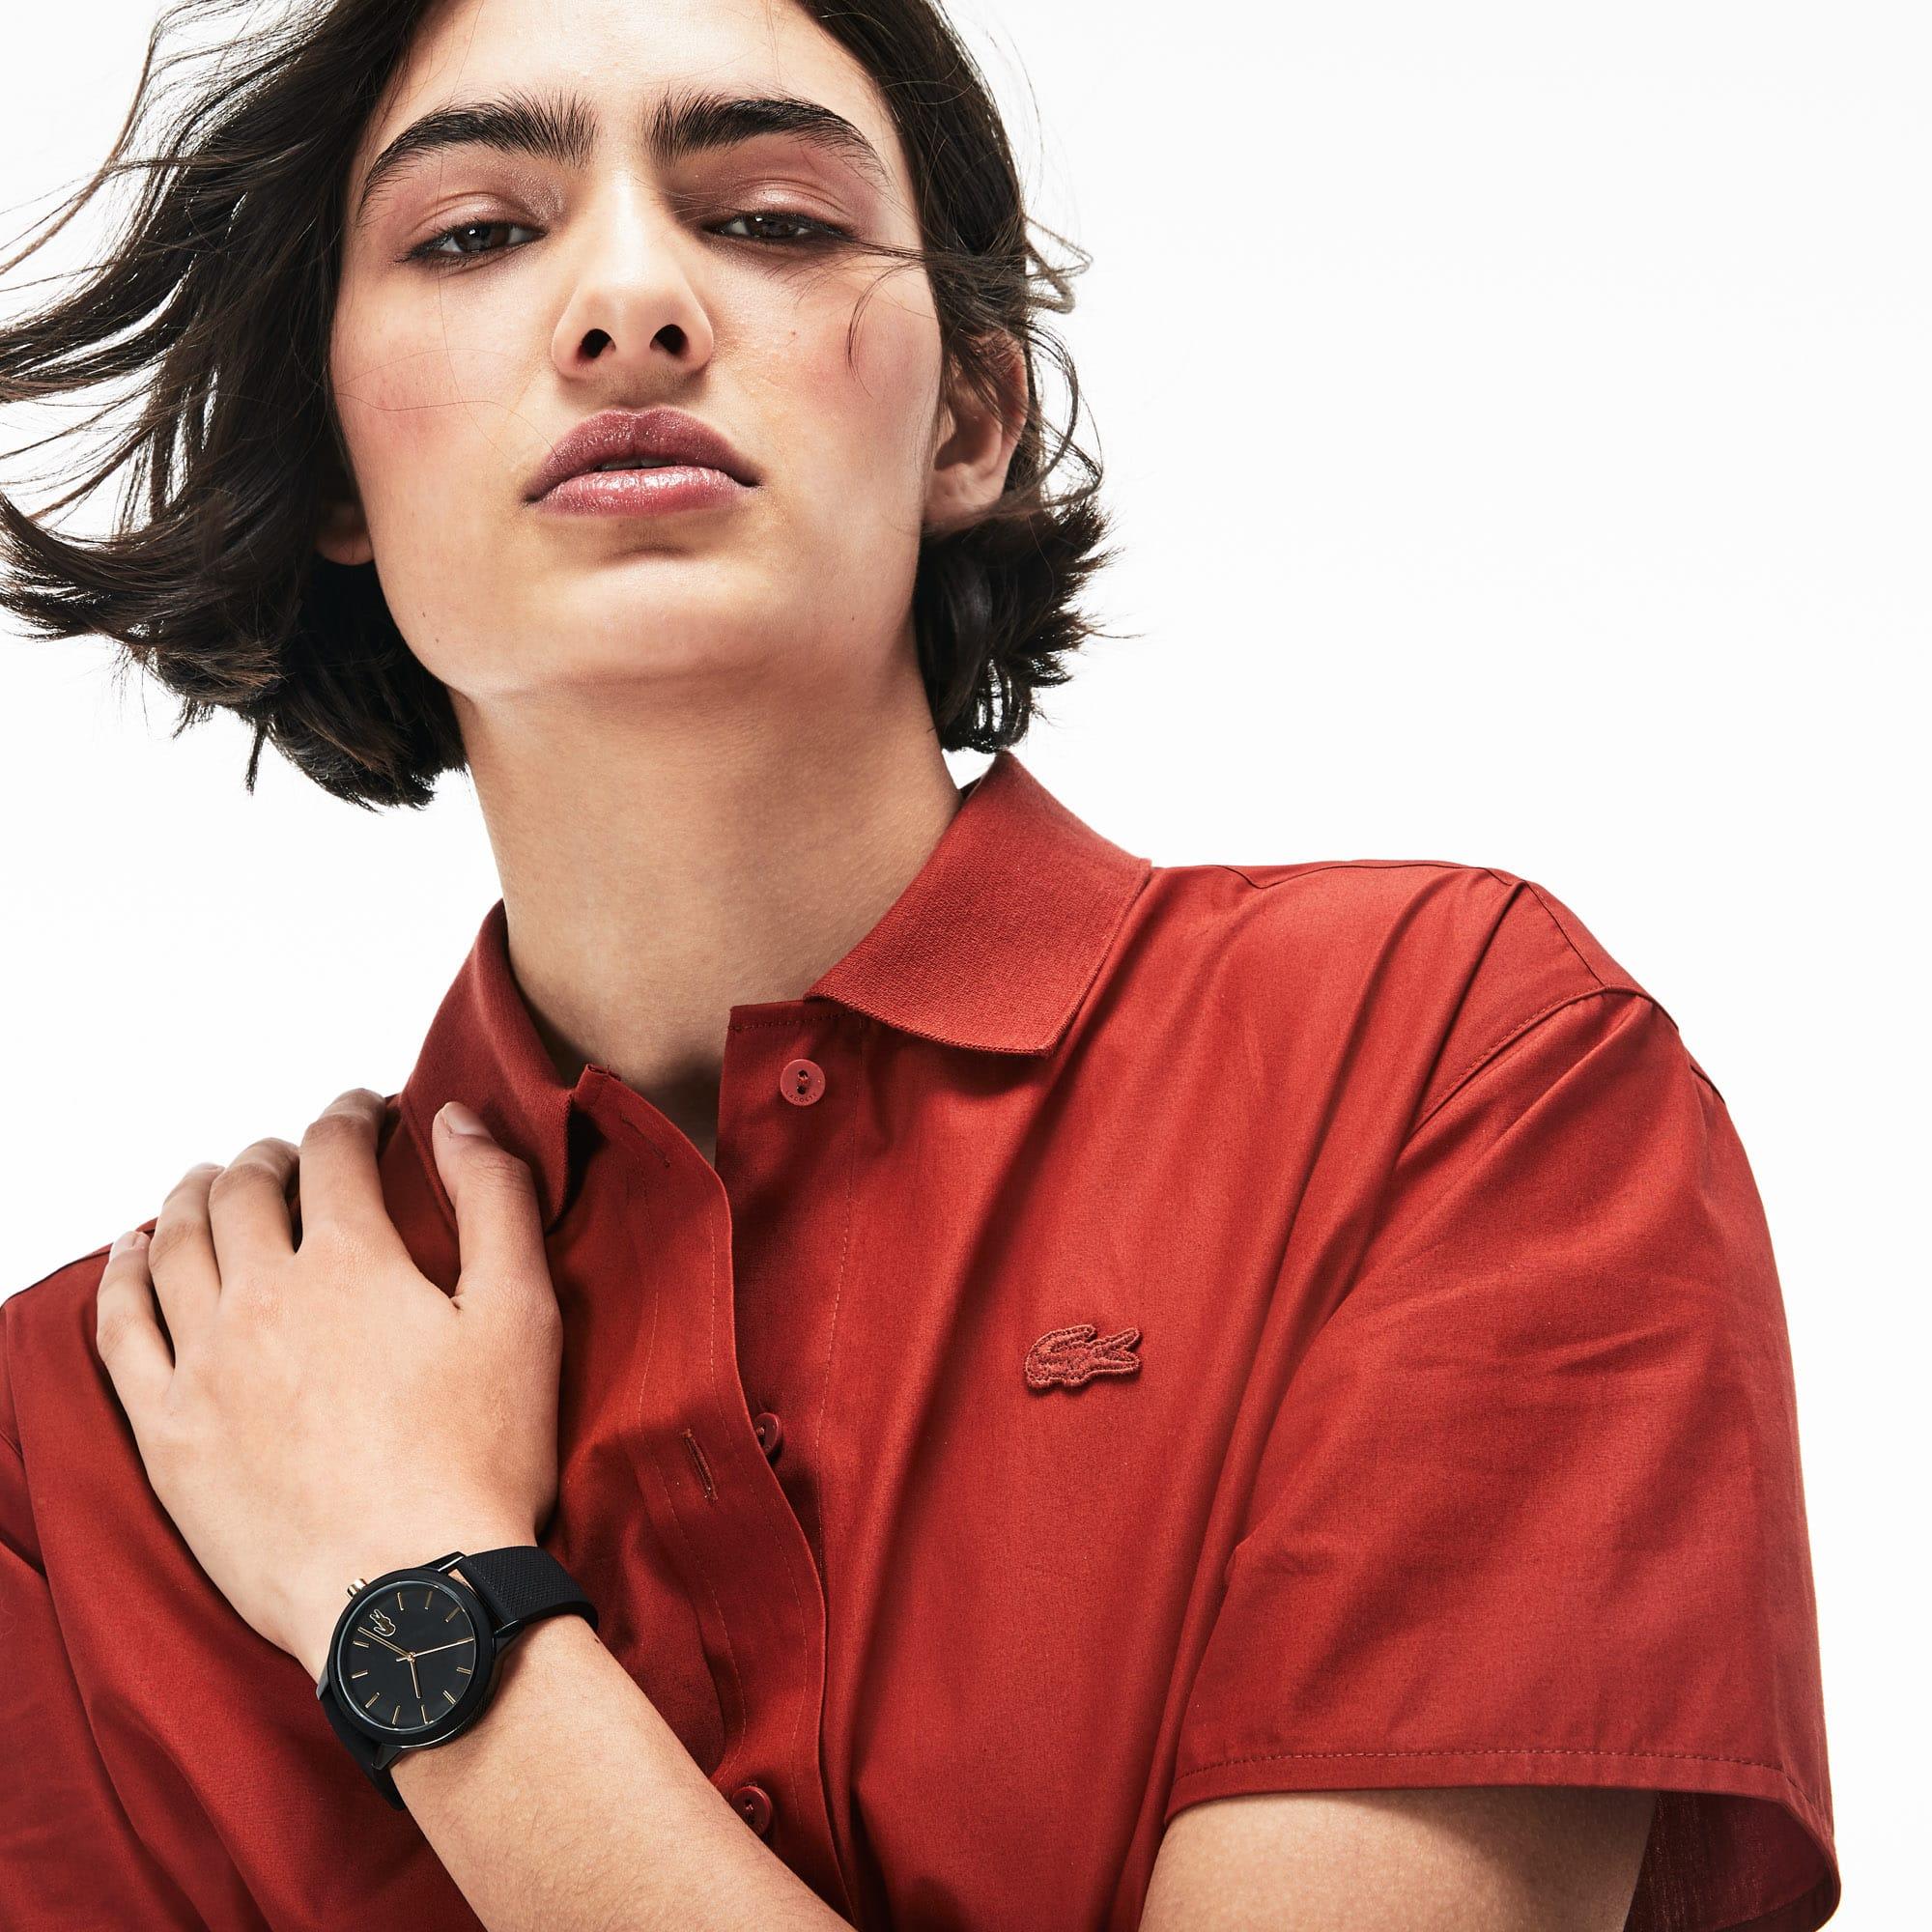 030b849348 Montre Femme Lacoste 12.12 avec Bracelet Petit Piqué Silicone Noir